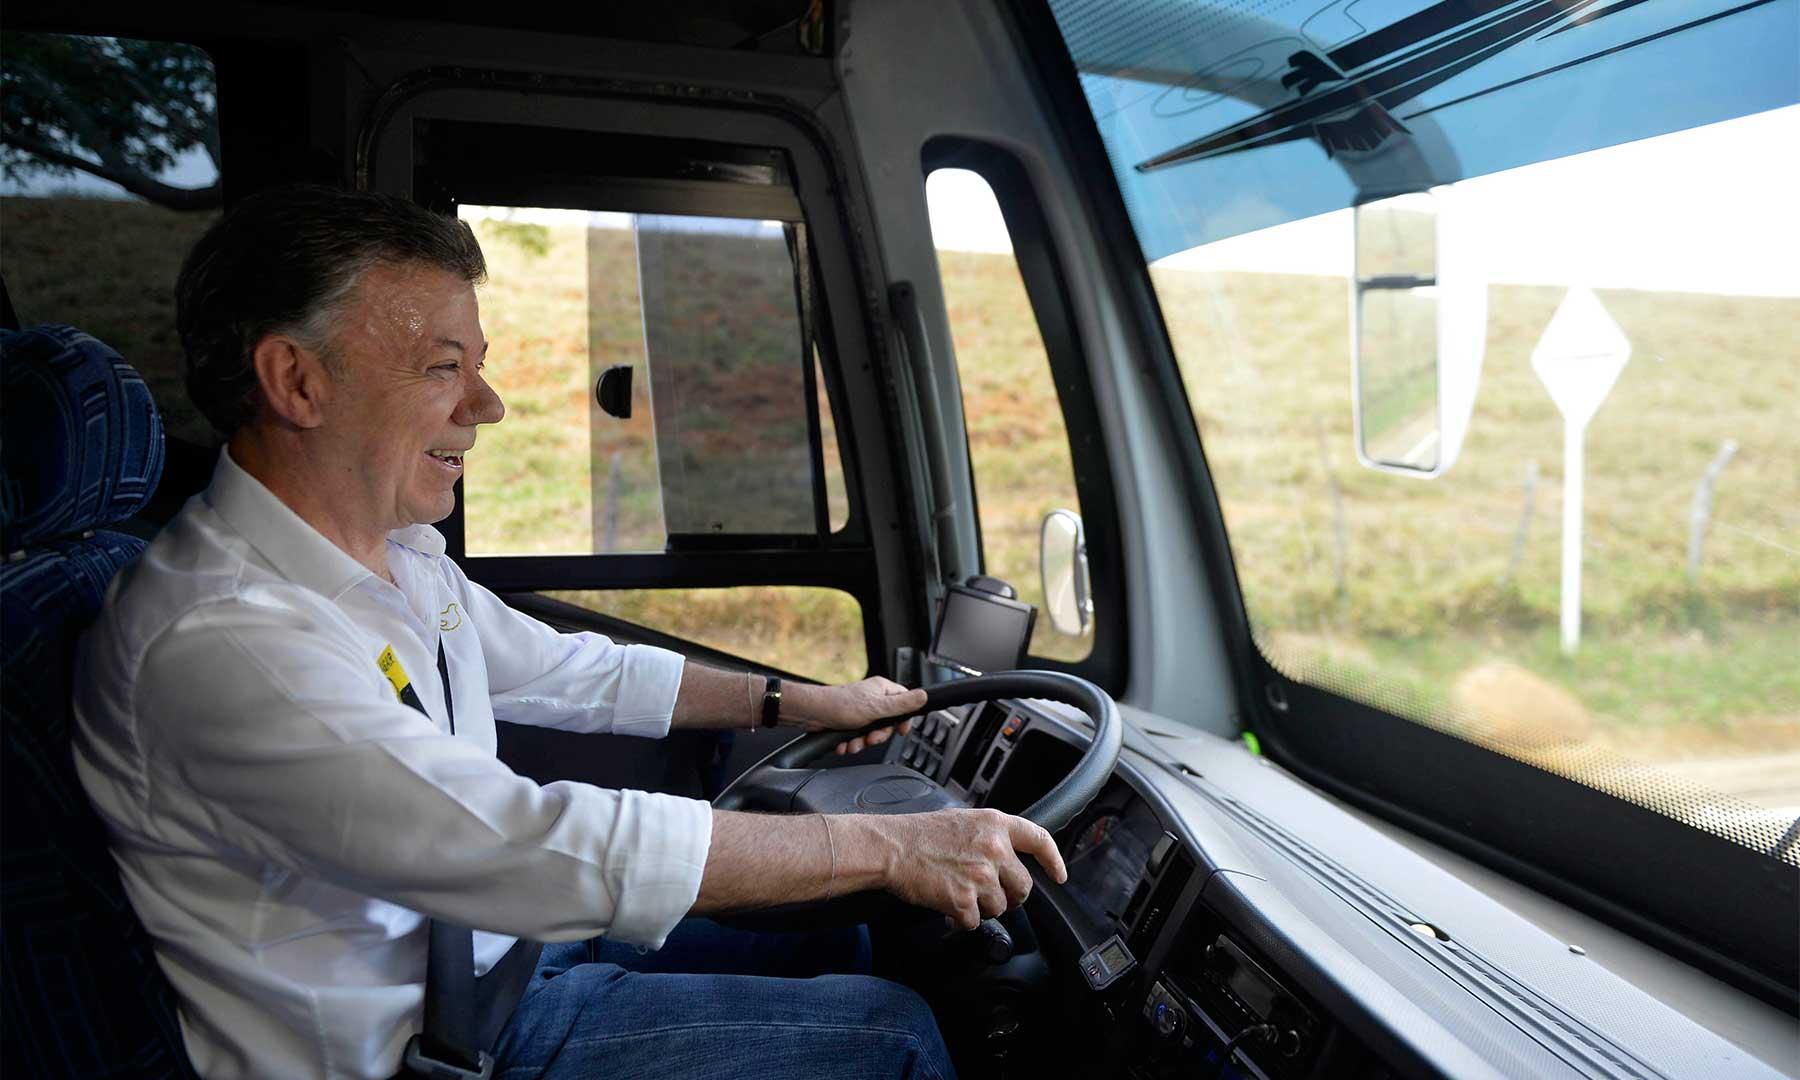 El Presidente Santos llegó este sábado conduciendo el autobús de la comitiva a Barichara, Santander, donde se lanzó el programa de rutas turísticas 'Seguro te va a encantar', promovido por el Ministerio de Comercio, Industria y Turismo.